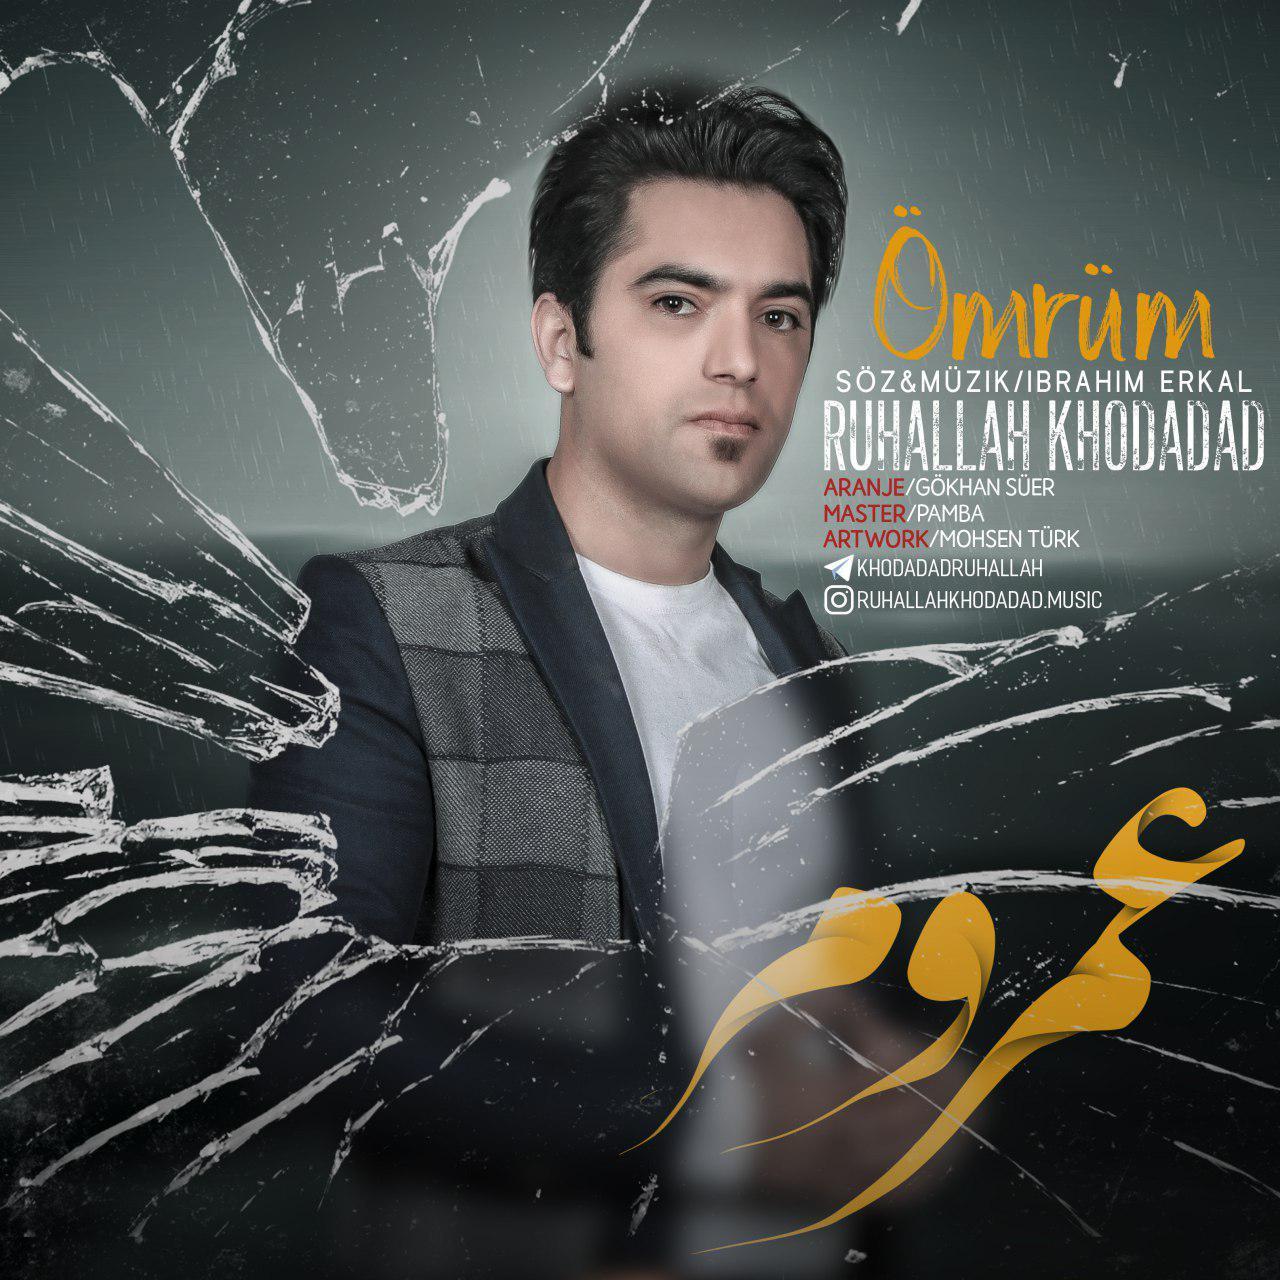 http://s8.picofile.com/file/8332039800/25Ruhallah_Khodadad_Omrum.jpg